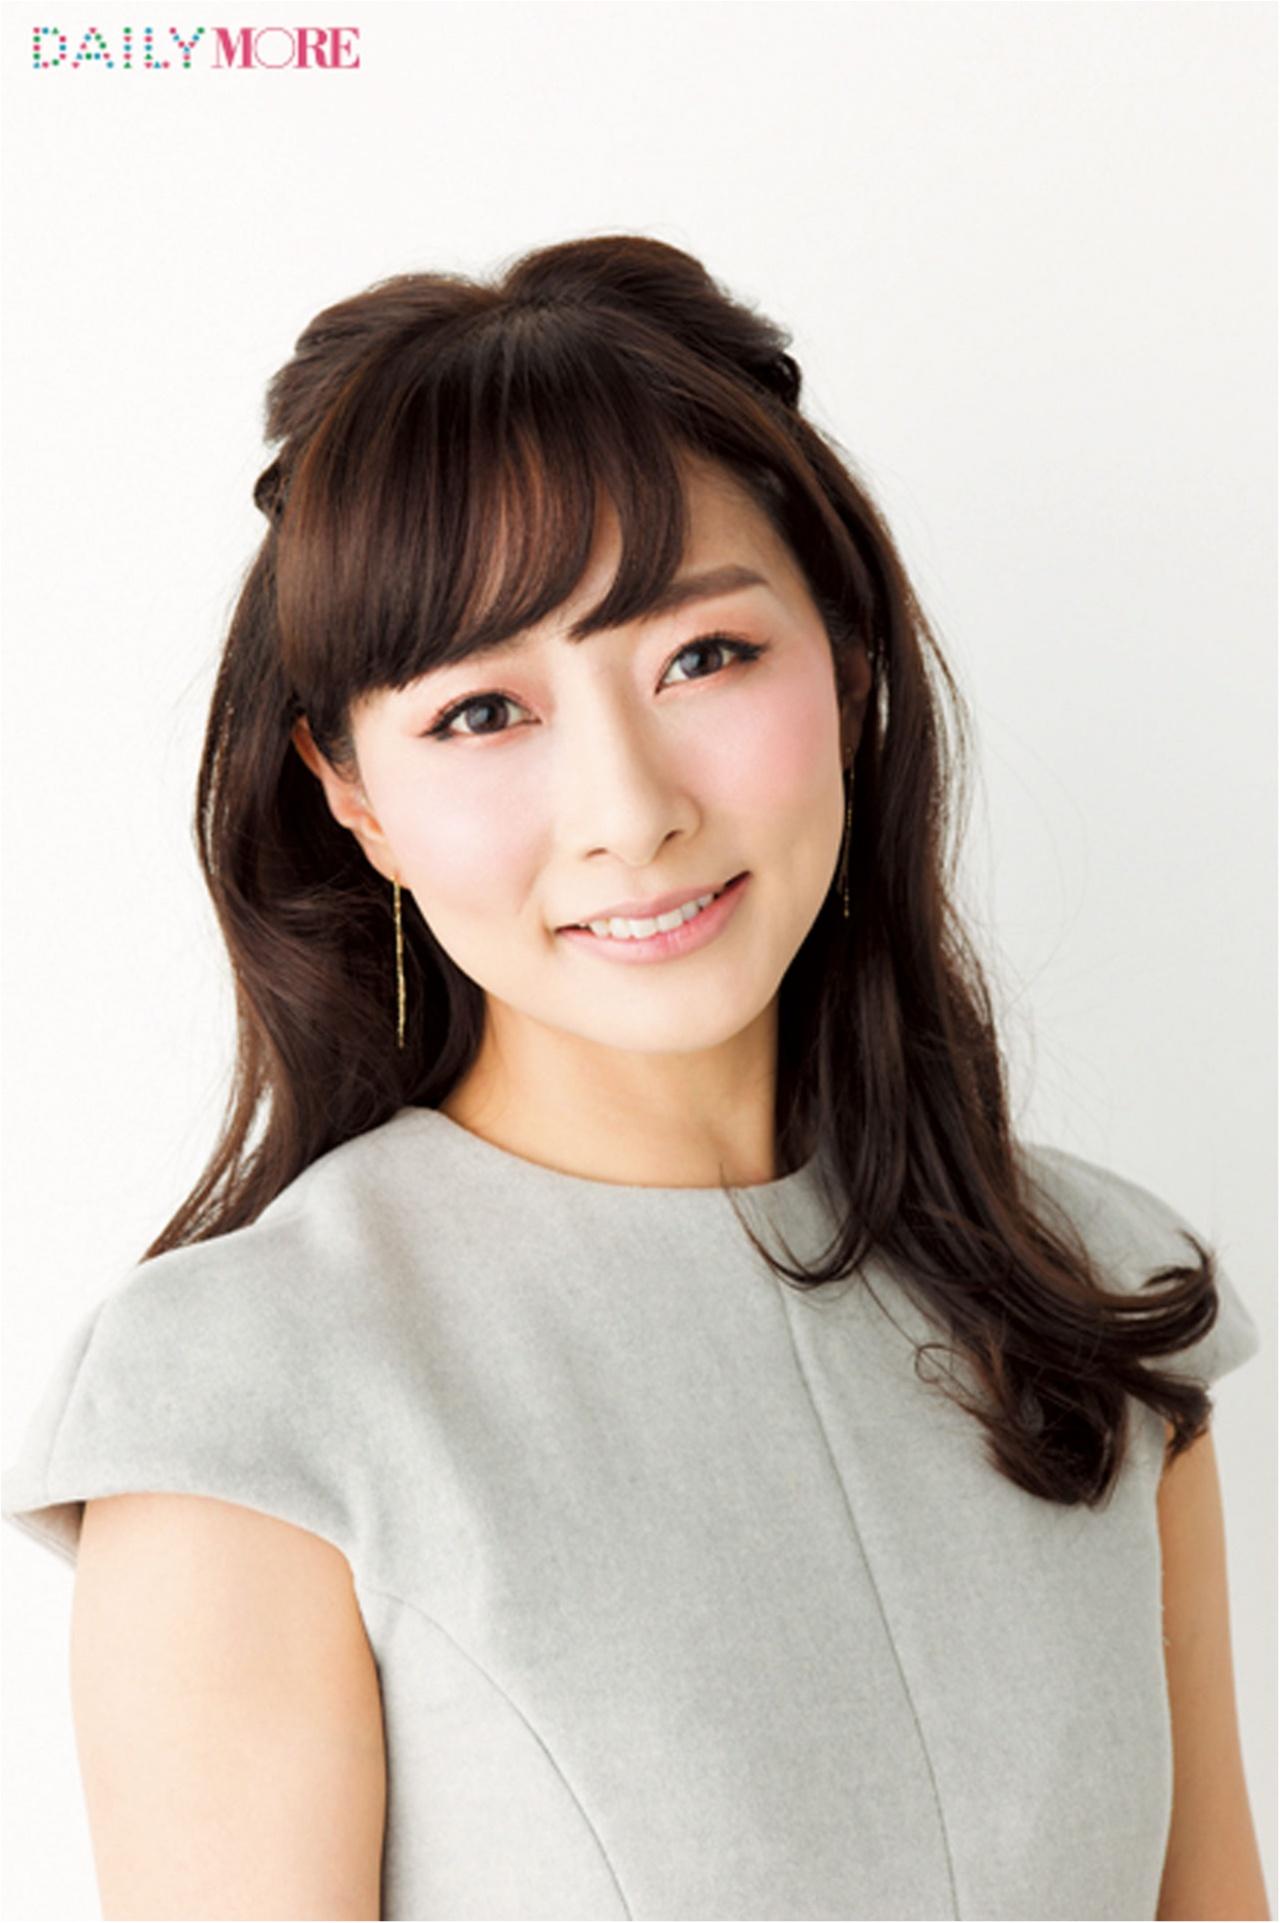 甘皮や角質もケアして、うるふわハンドに♡ 美容家・石井美保さんの「オンナ度上げるハンドケア術」_2